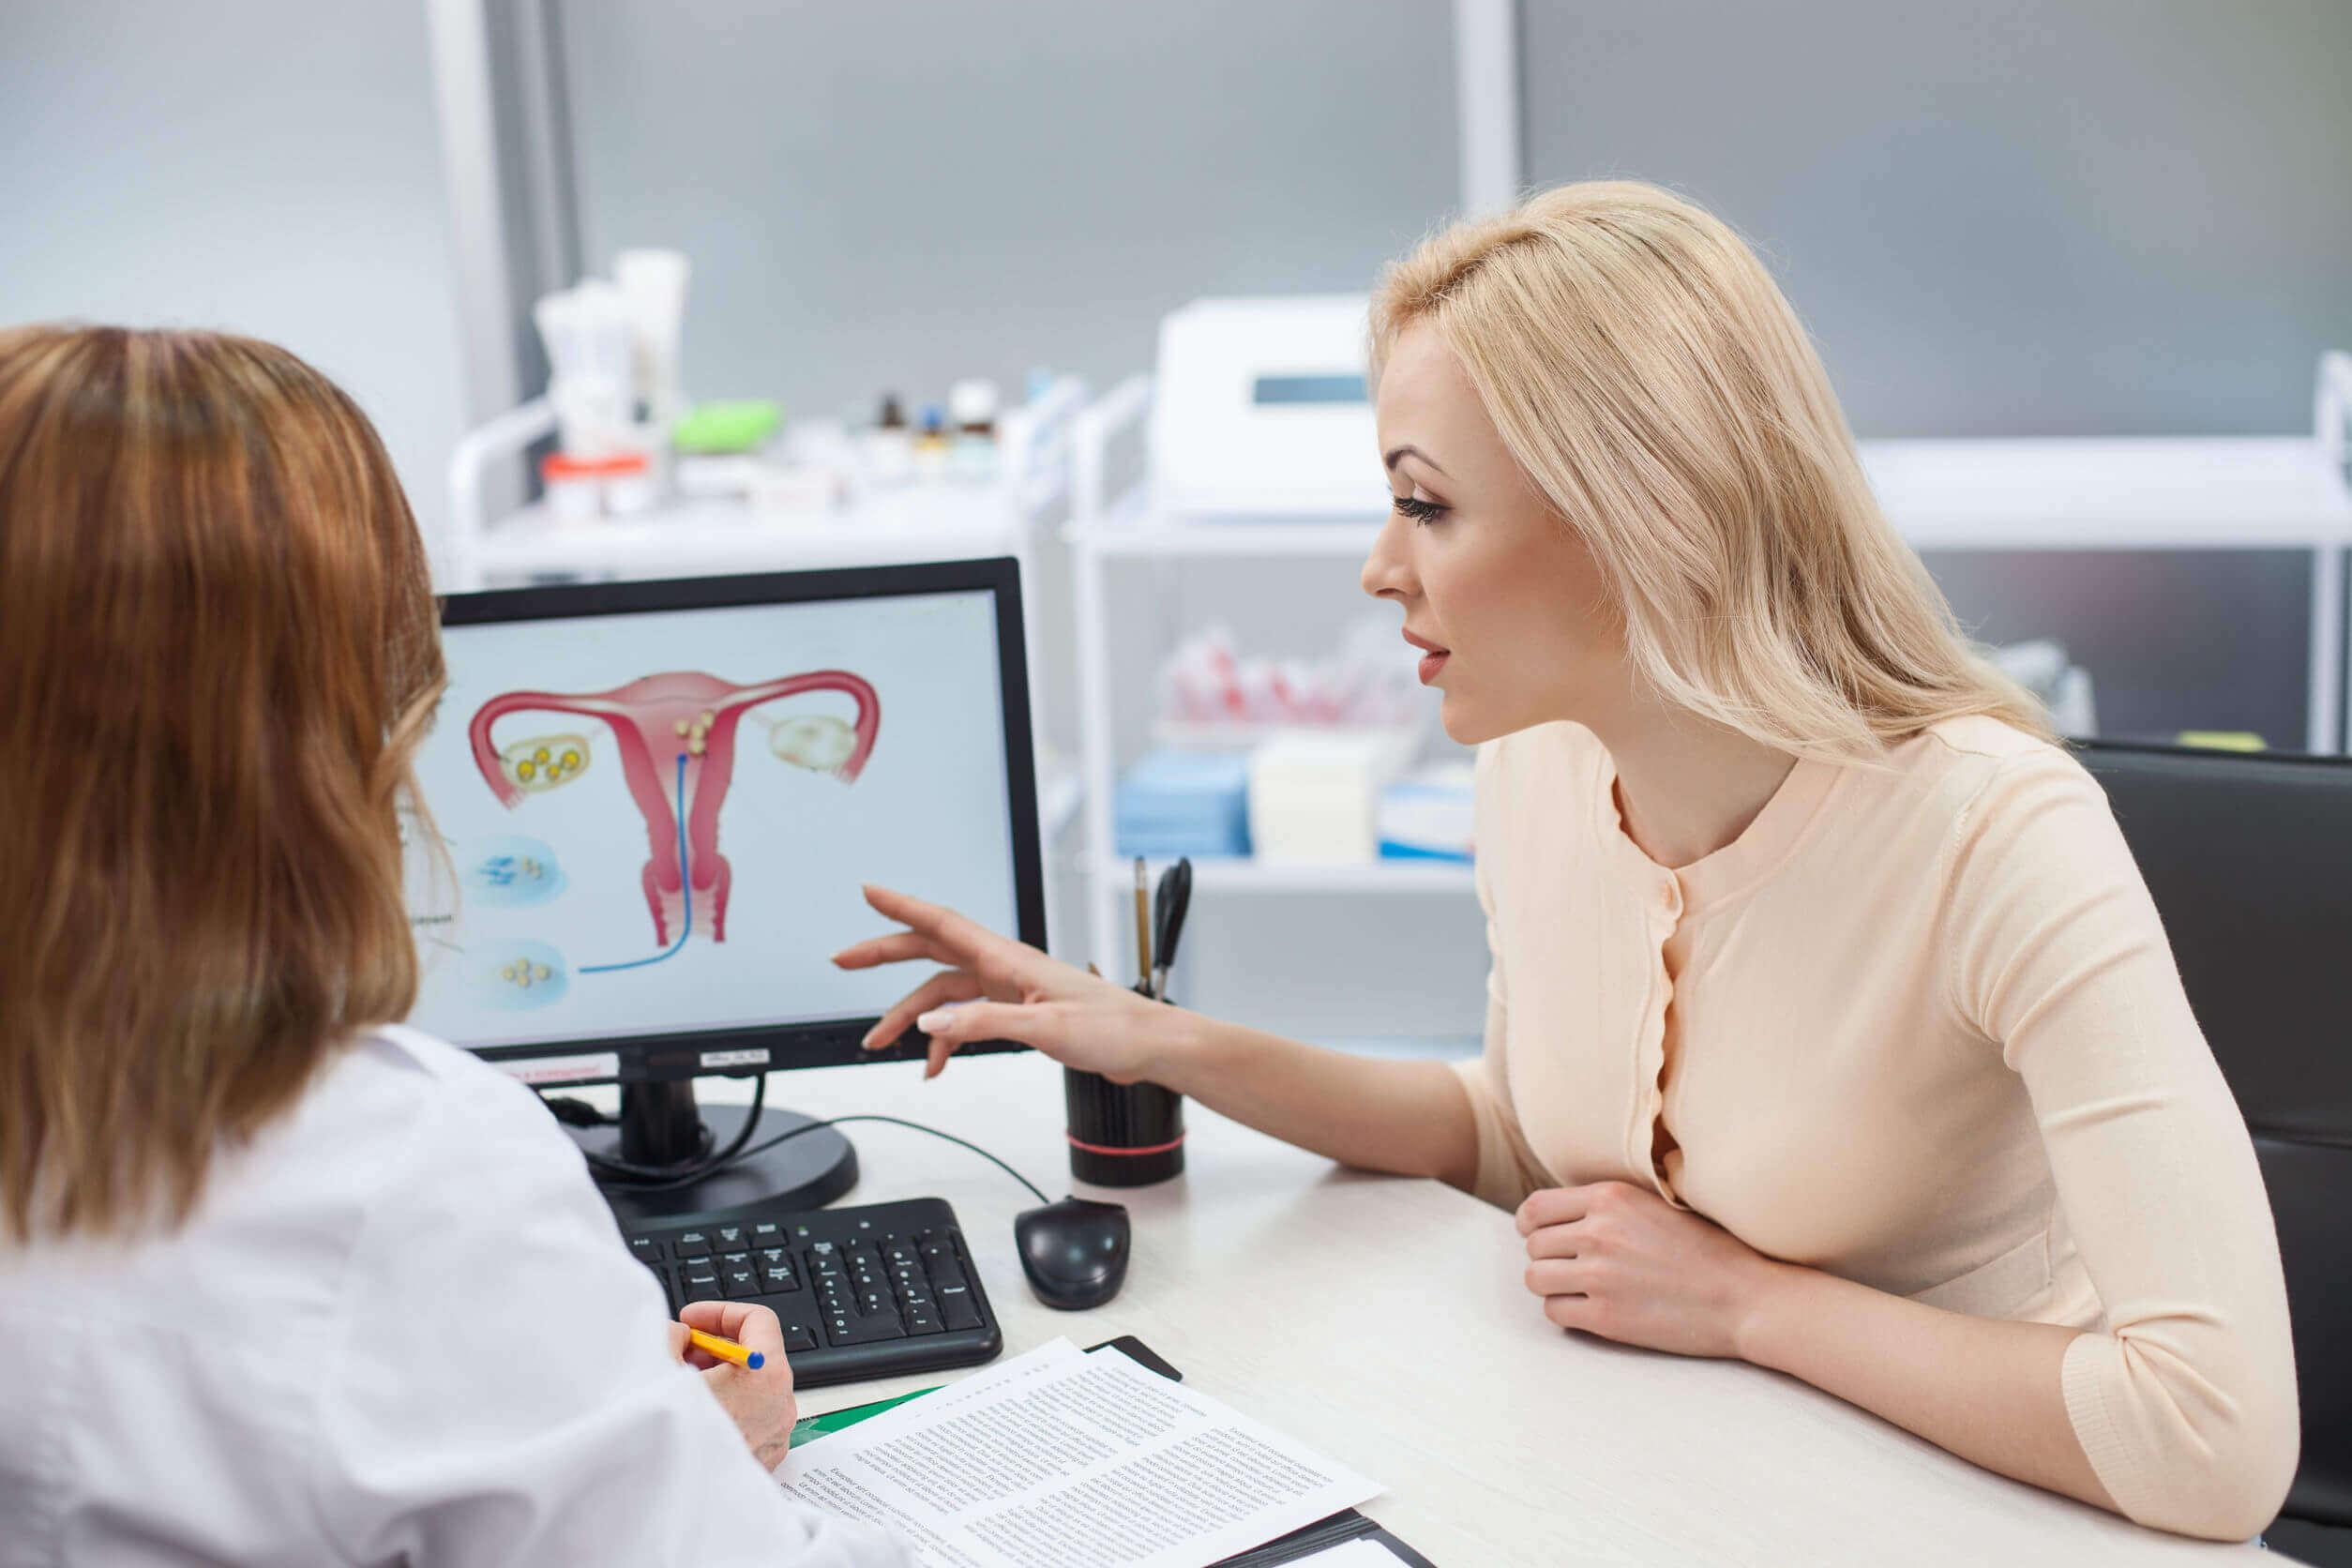 Mujer en el ginecólogo aprendiendo sobre el tamaño de la barriga y el útero durante el embarazo.